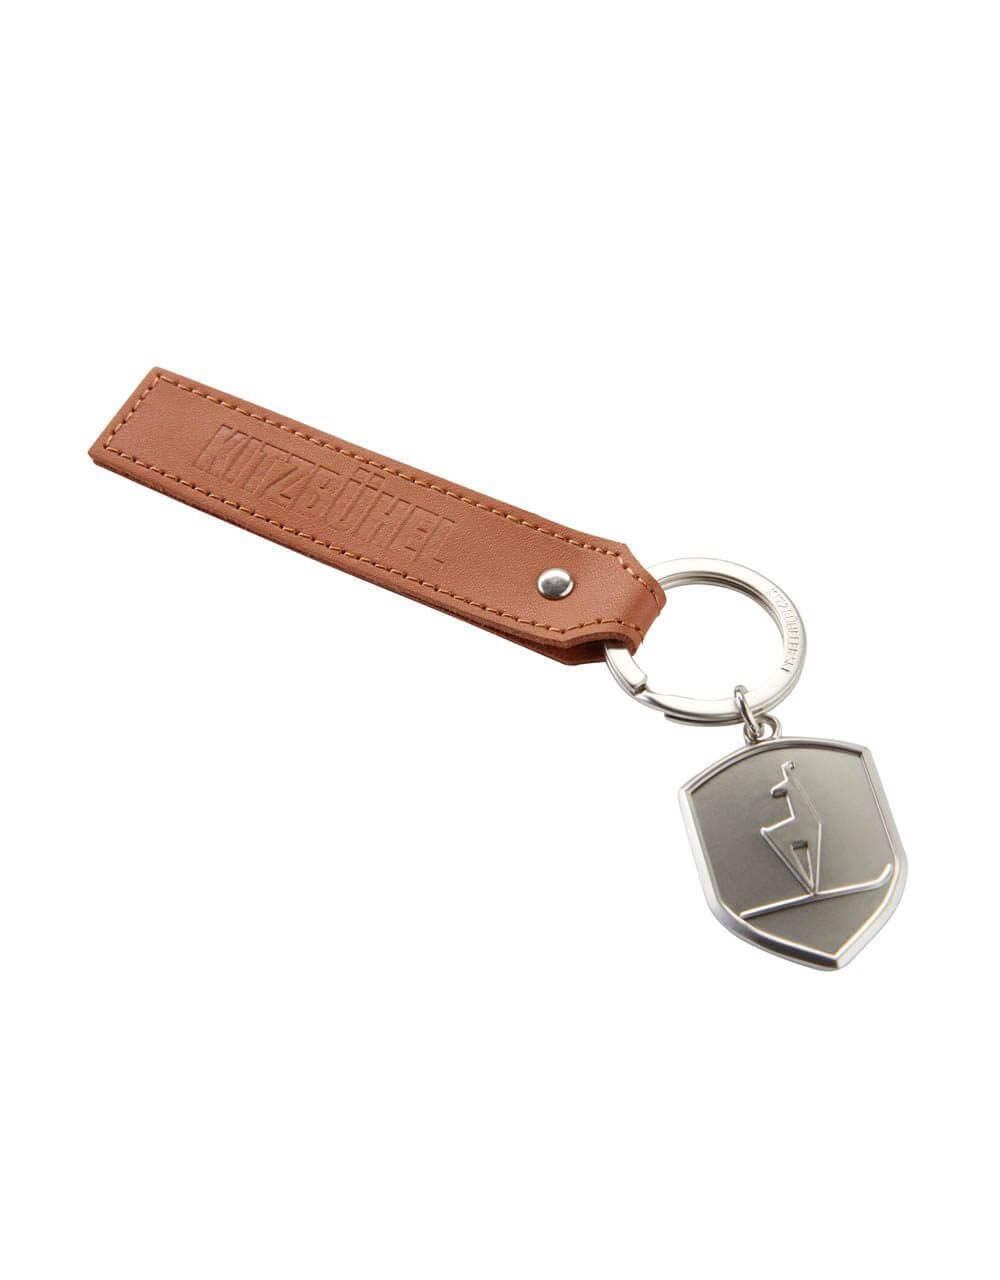 902218300 Schlüsselanhänger neu